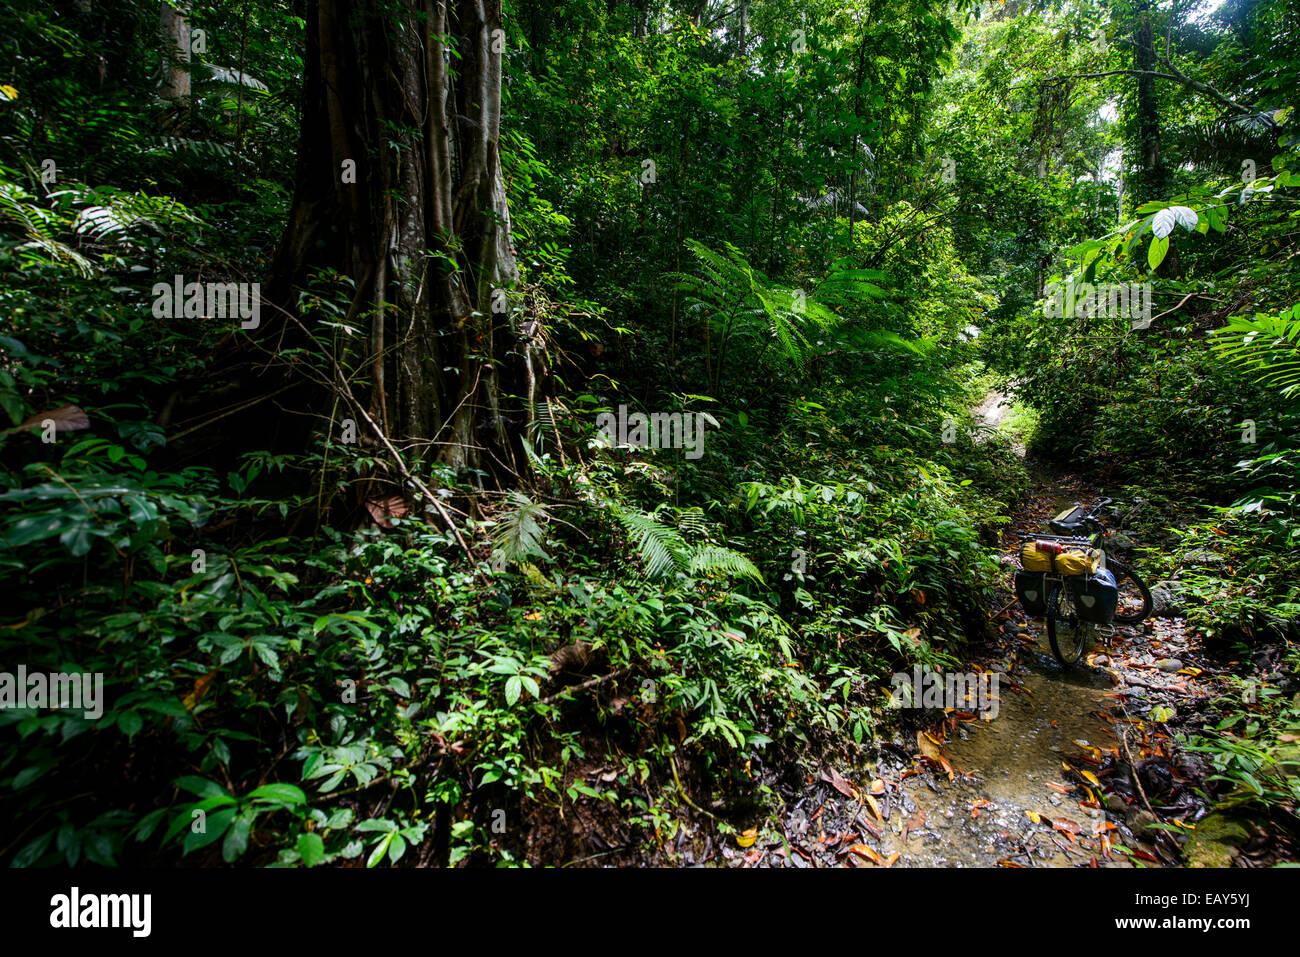 Excursión en bicicleta en la selva, Sulawesi, Indonesia Imagen De Stock